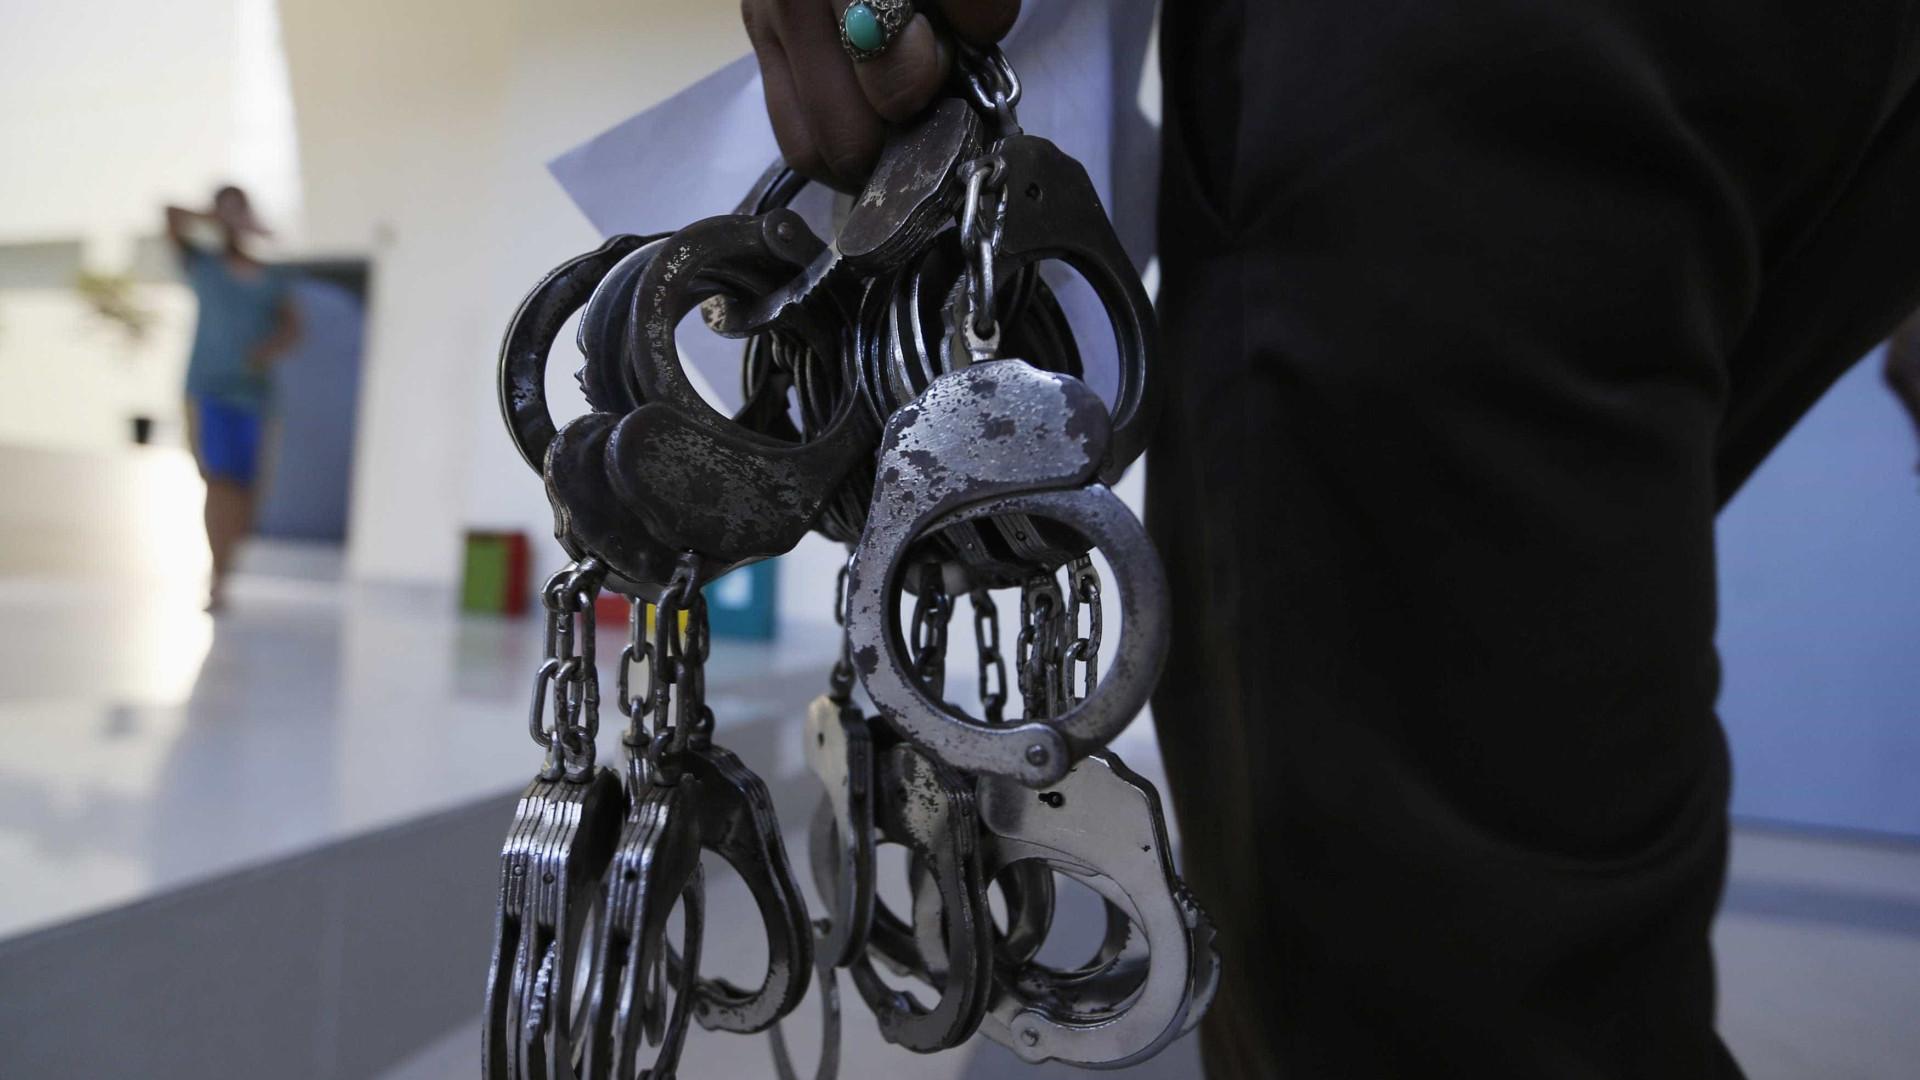 Cantora senegalesa detida por ofensa ao chefe de Estado